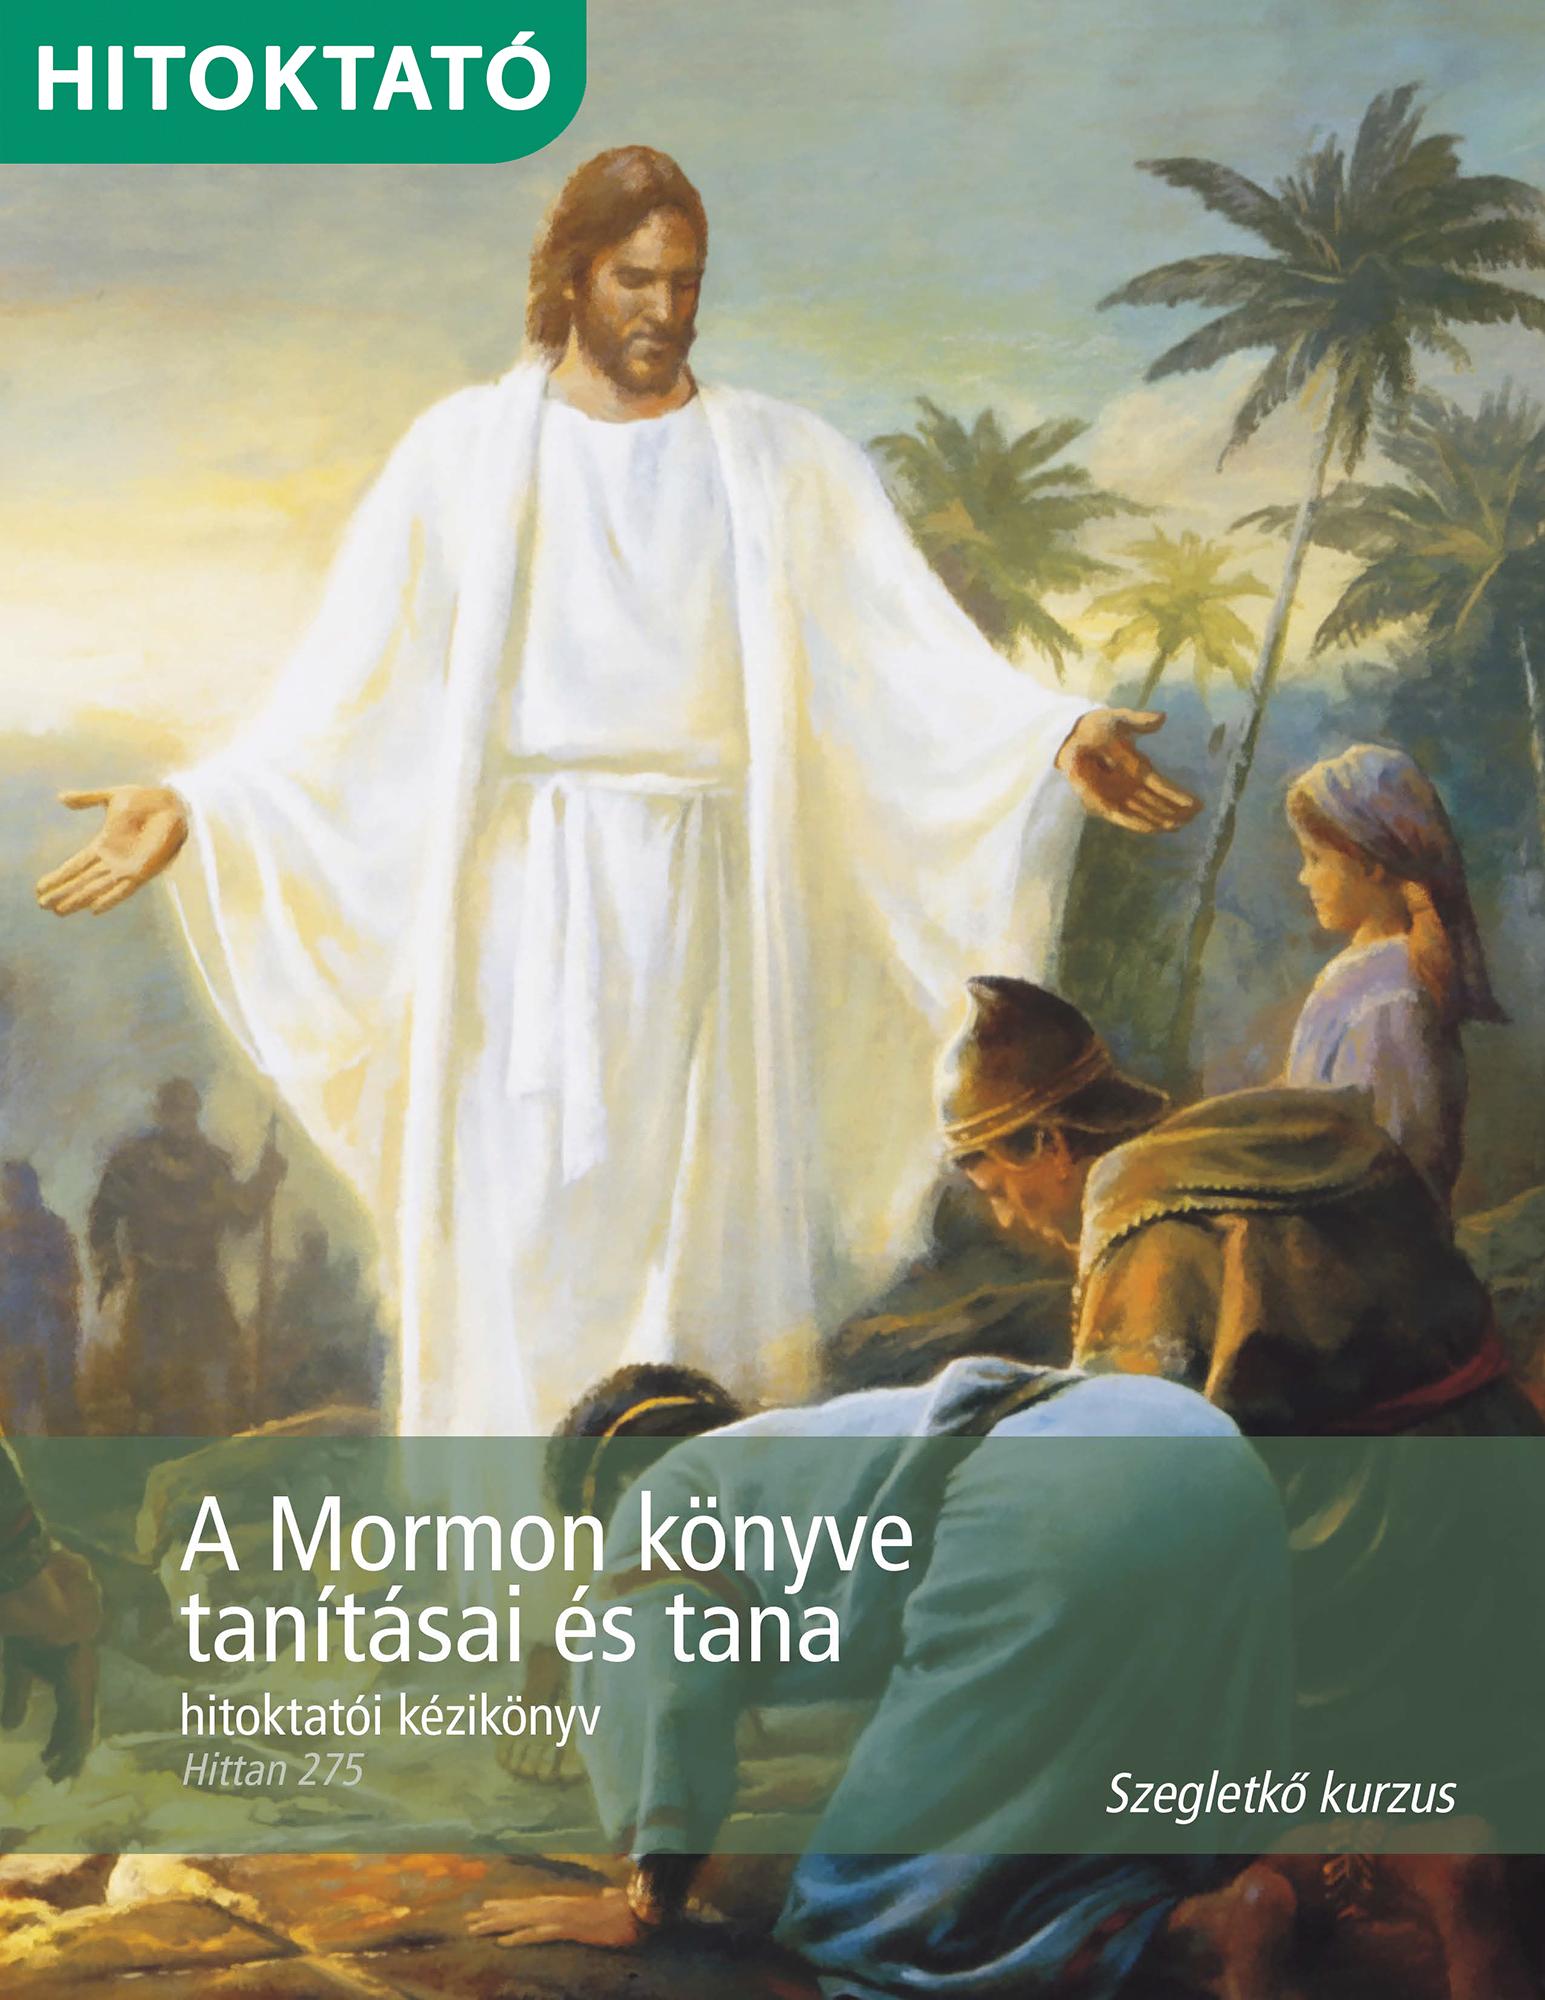 A Mormon könyve tanításai és tana hitoktatói kézikönyv (Hittan 275)